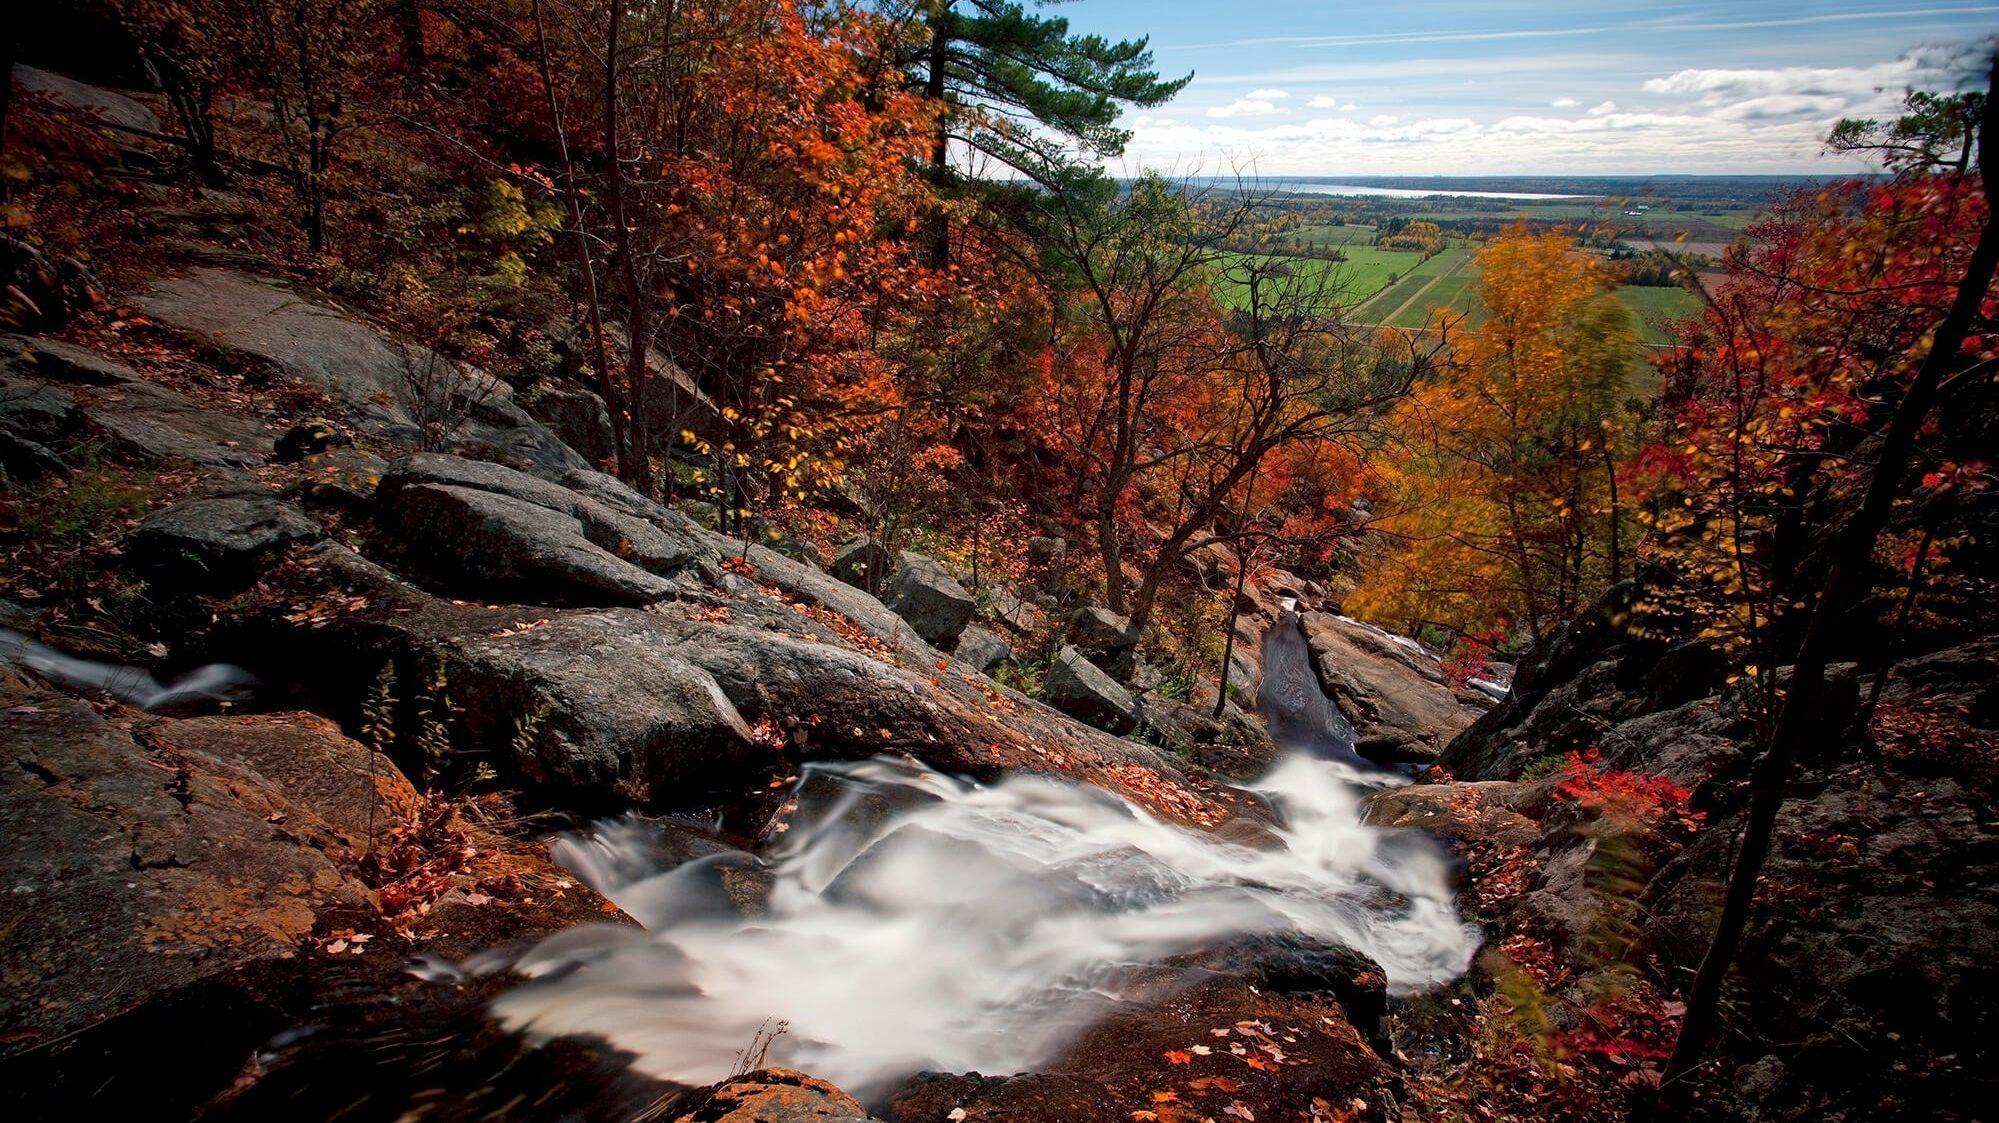 La chute de Luskville en automne, avec des arbres au feuillage rouge et orangé et des champs en arrière-plan.